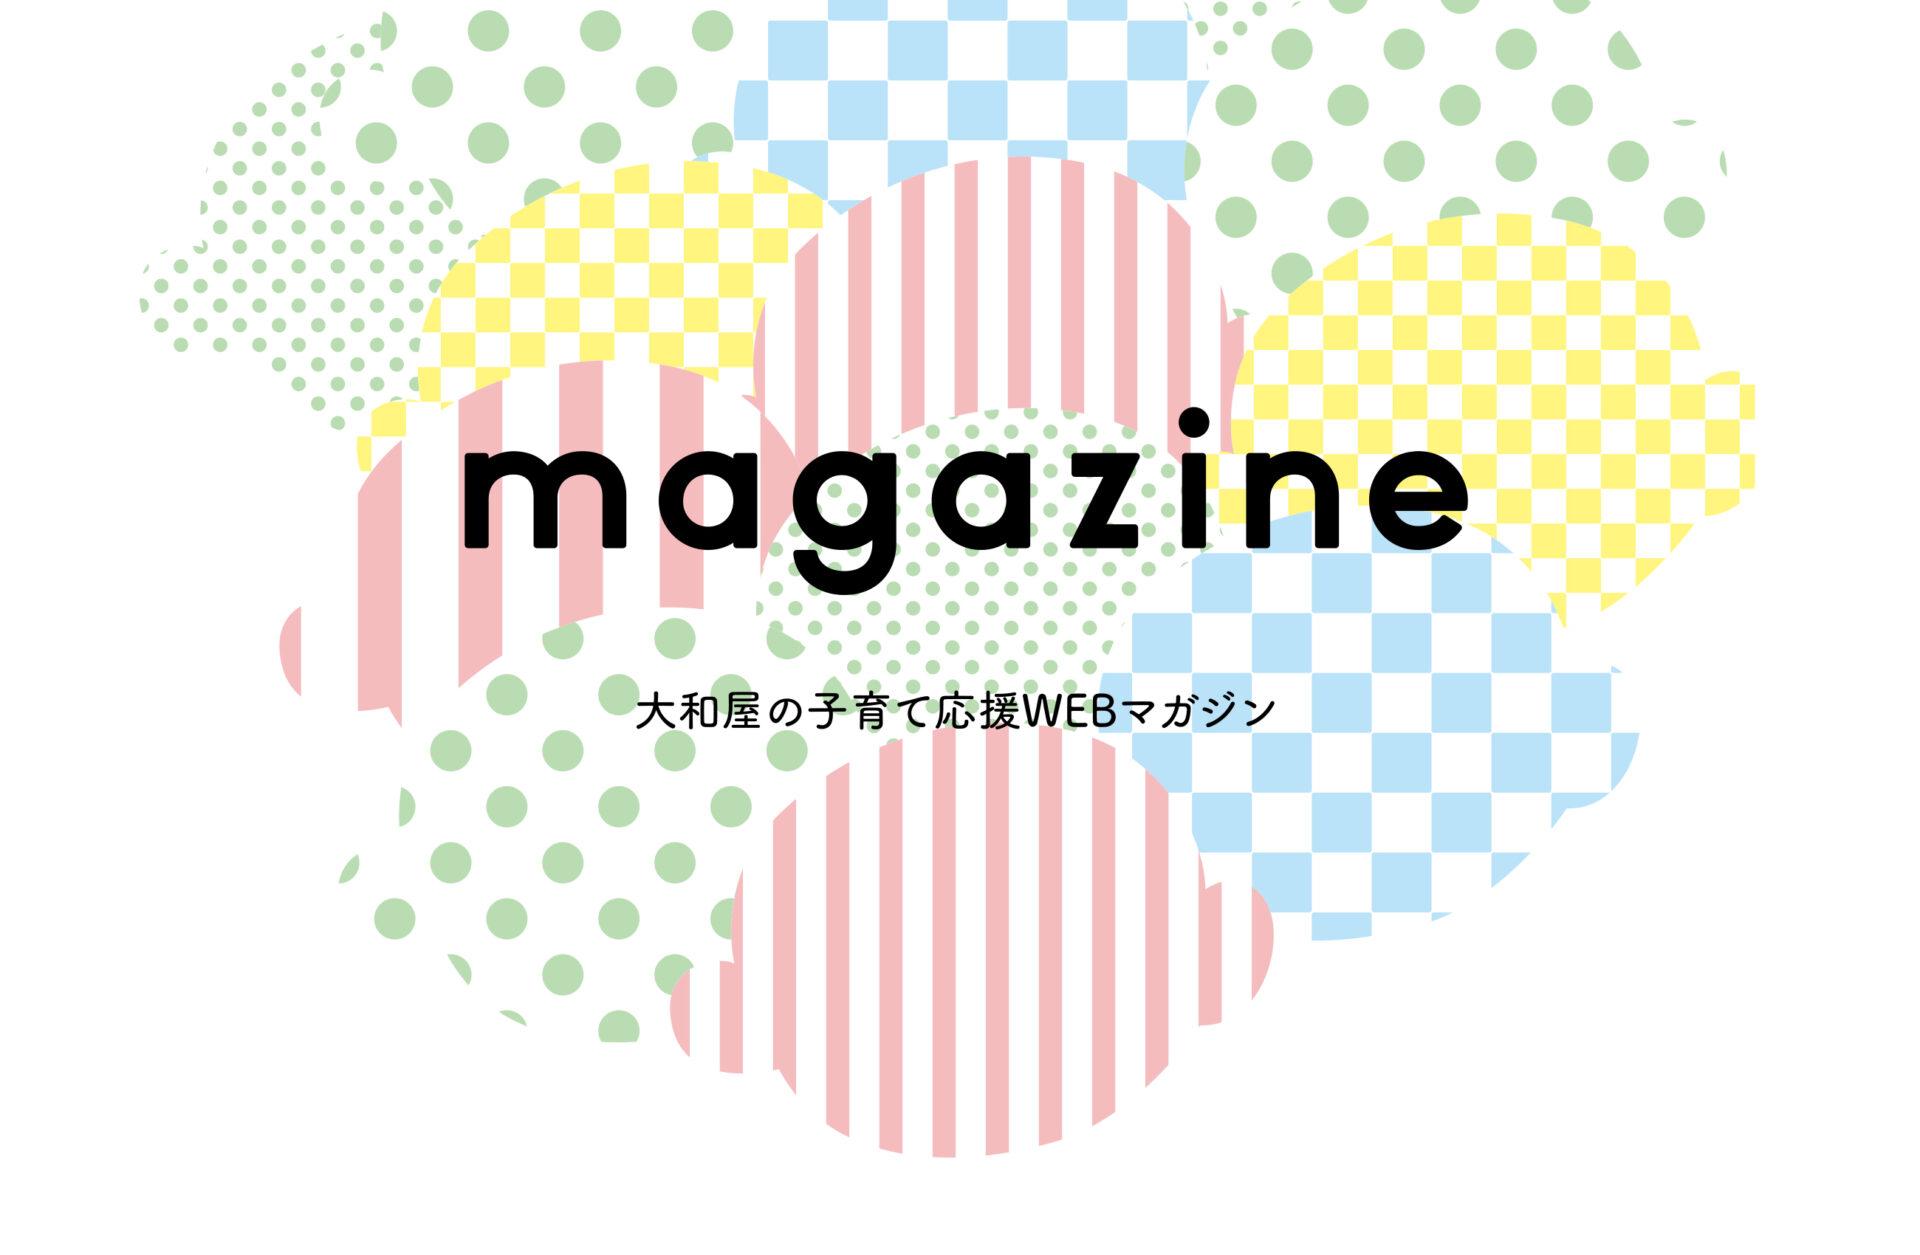 子育て応援Webマガジン「yamatoya magazine」スタート